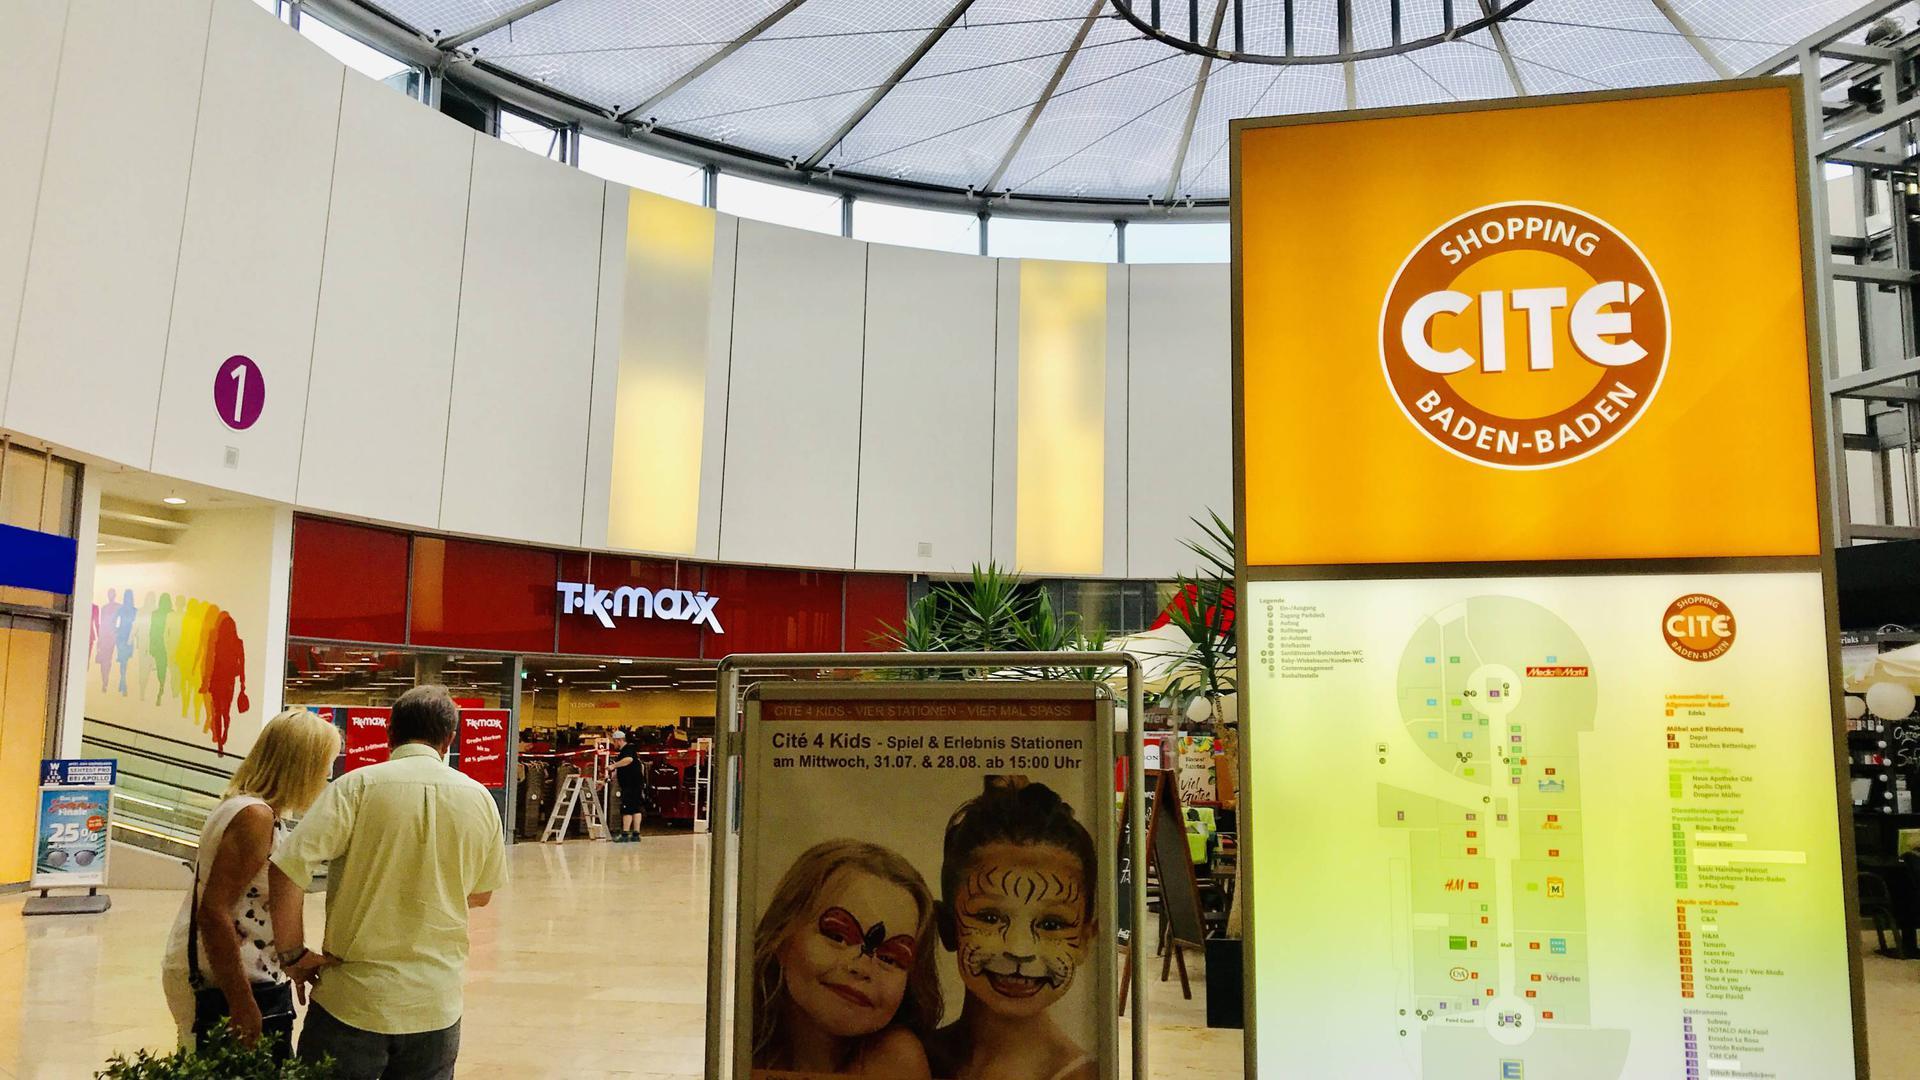 Im Fachmarktzentrum werden die letzten Vorbereitungen für die Eröffnung der Filiale des neuen Mieters TK Maxx getroffen. Die Shopping Cité an der B500 wurde im November des Jahres 2006 eröffnet.